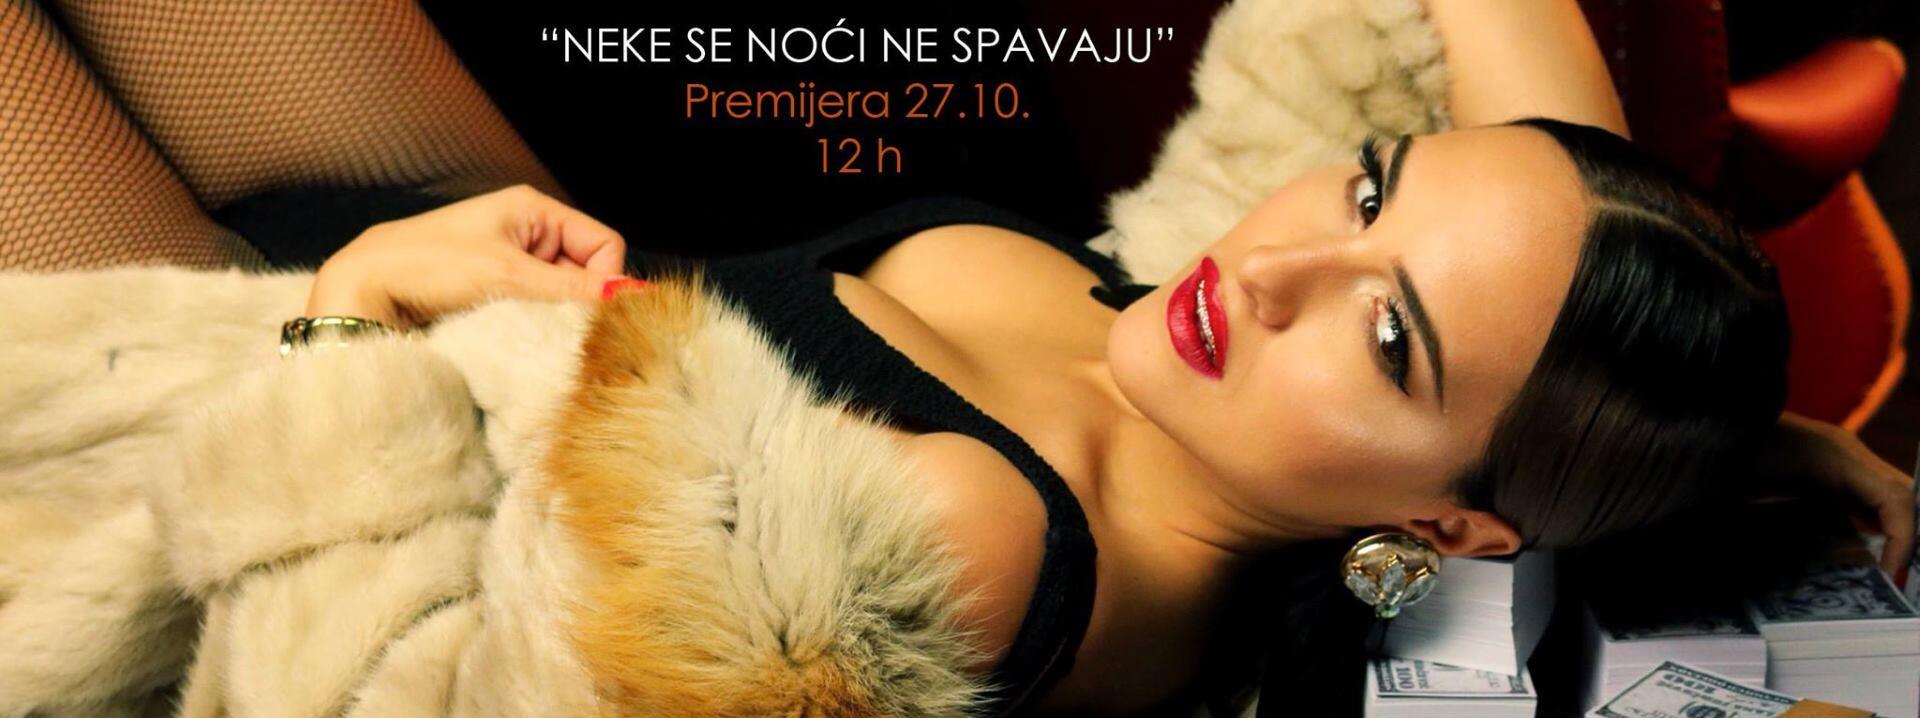 VIDEO: Lana Jurčević izdala video spot za pjesmu 'Neke se noći ne spavaju'